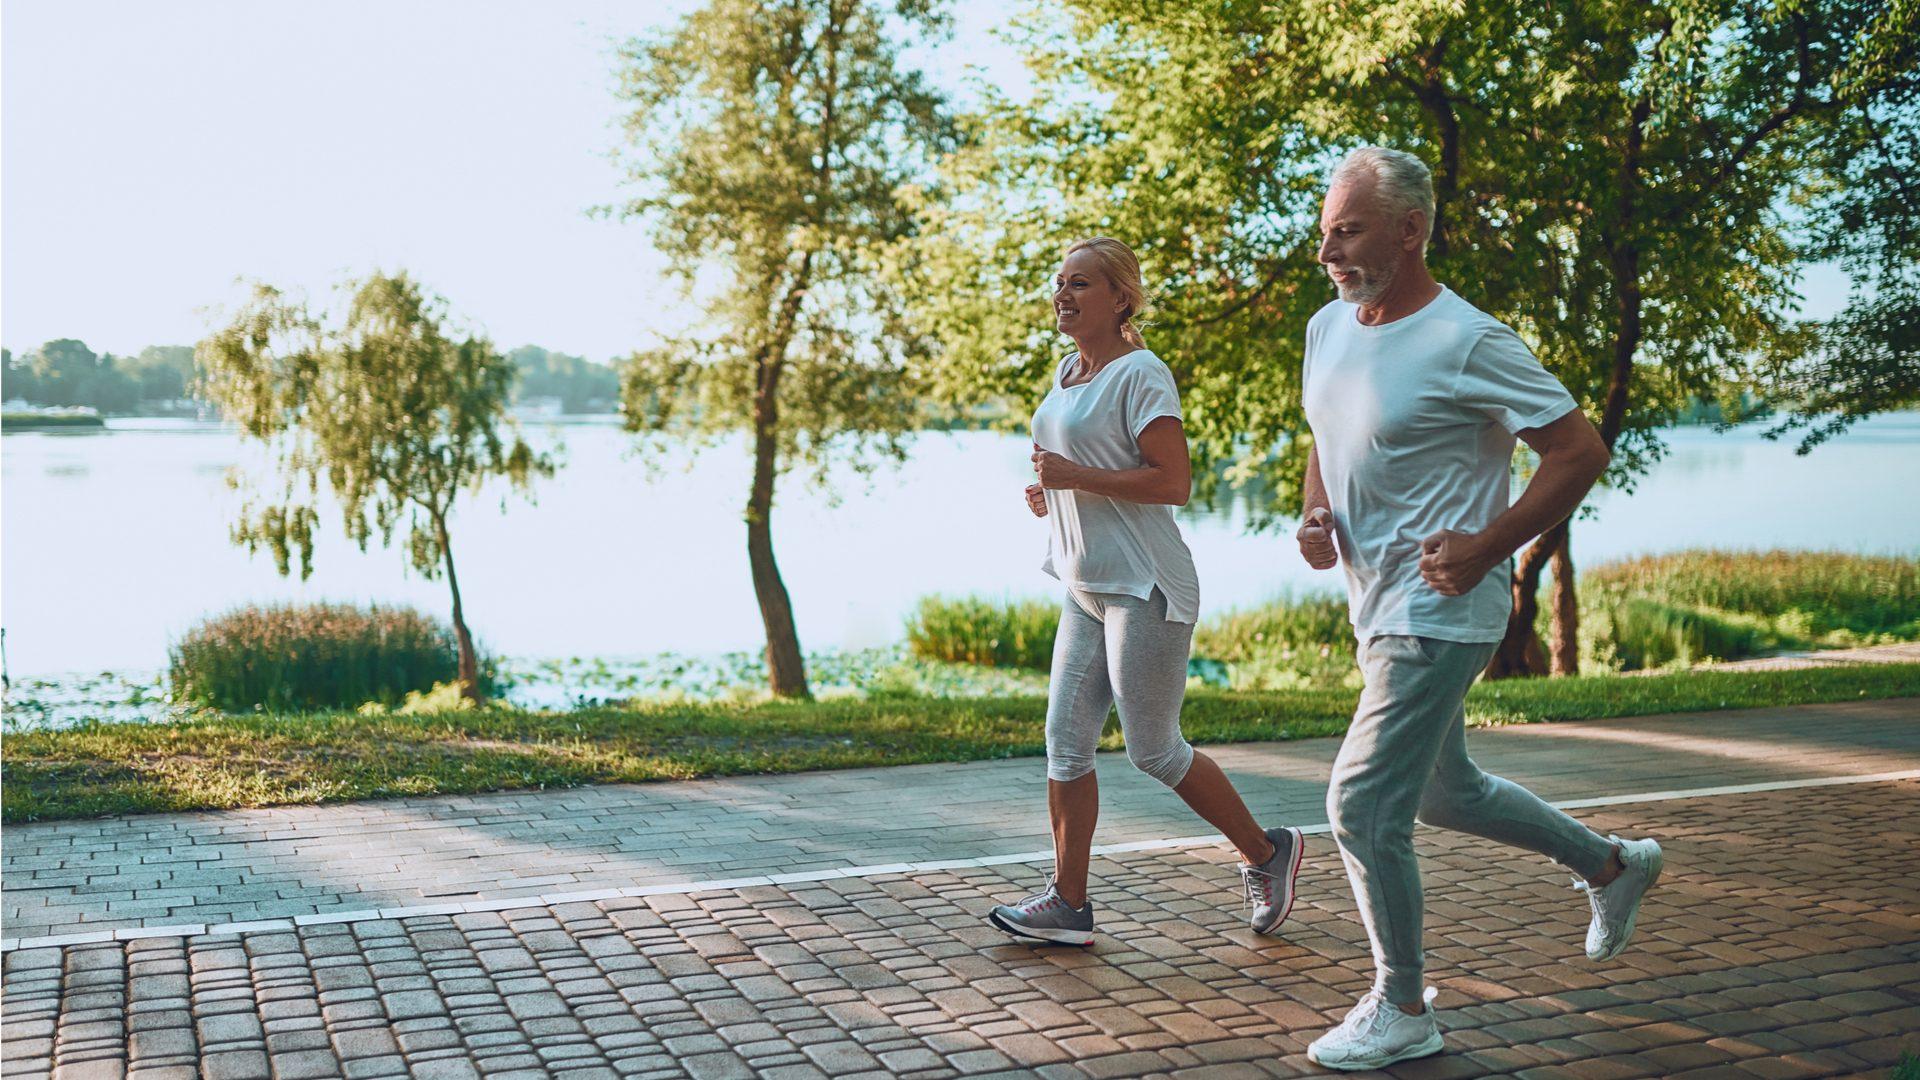 csípőprotézis és térdprotézis beültetés izomátvágás nélkül